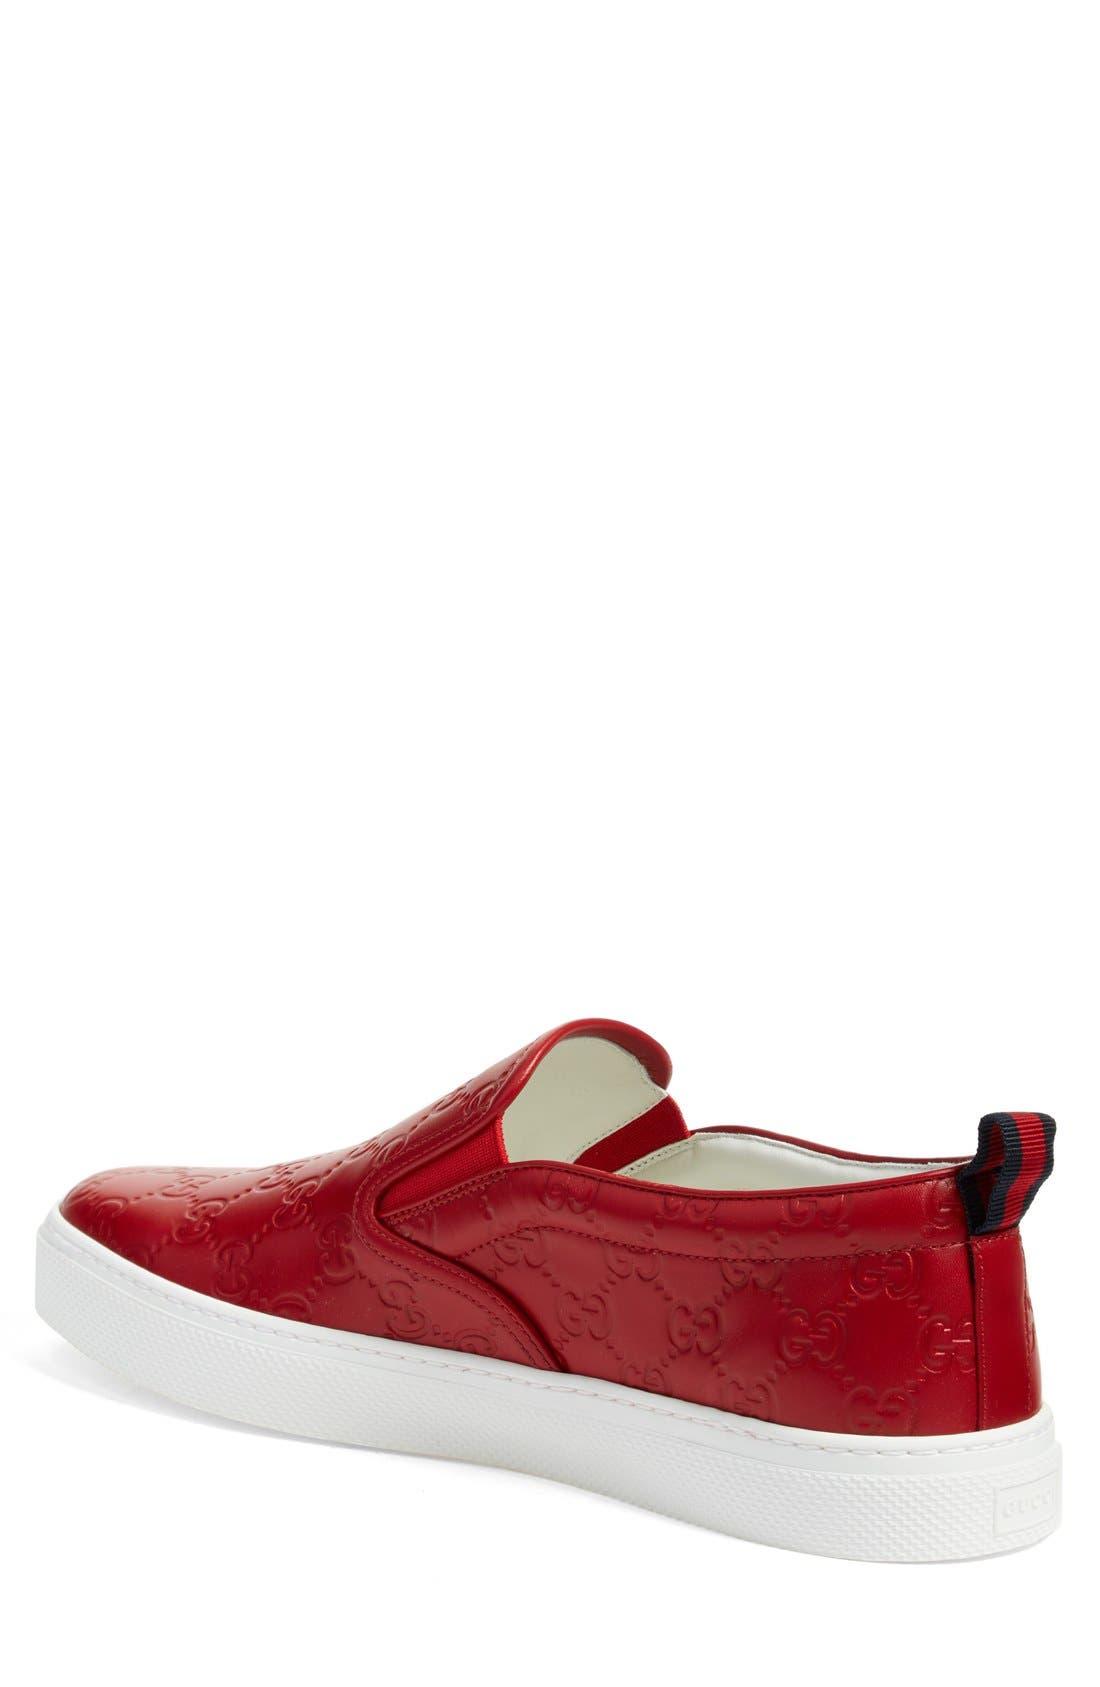 Dublin Slip-On Sneaker,                             Alternate thumbnail 63, color,